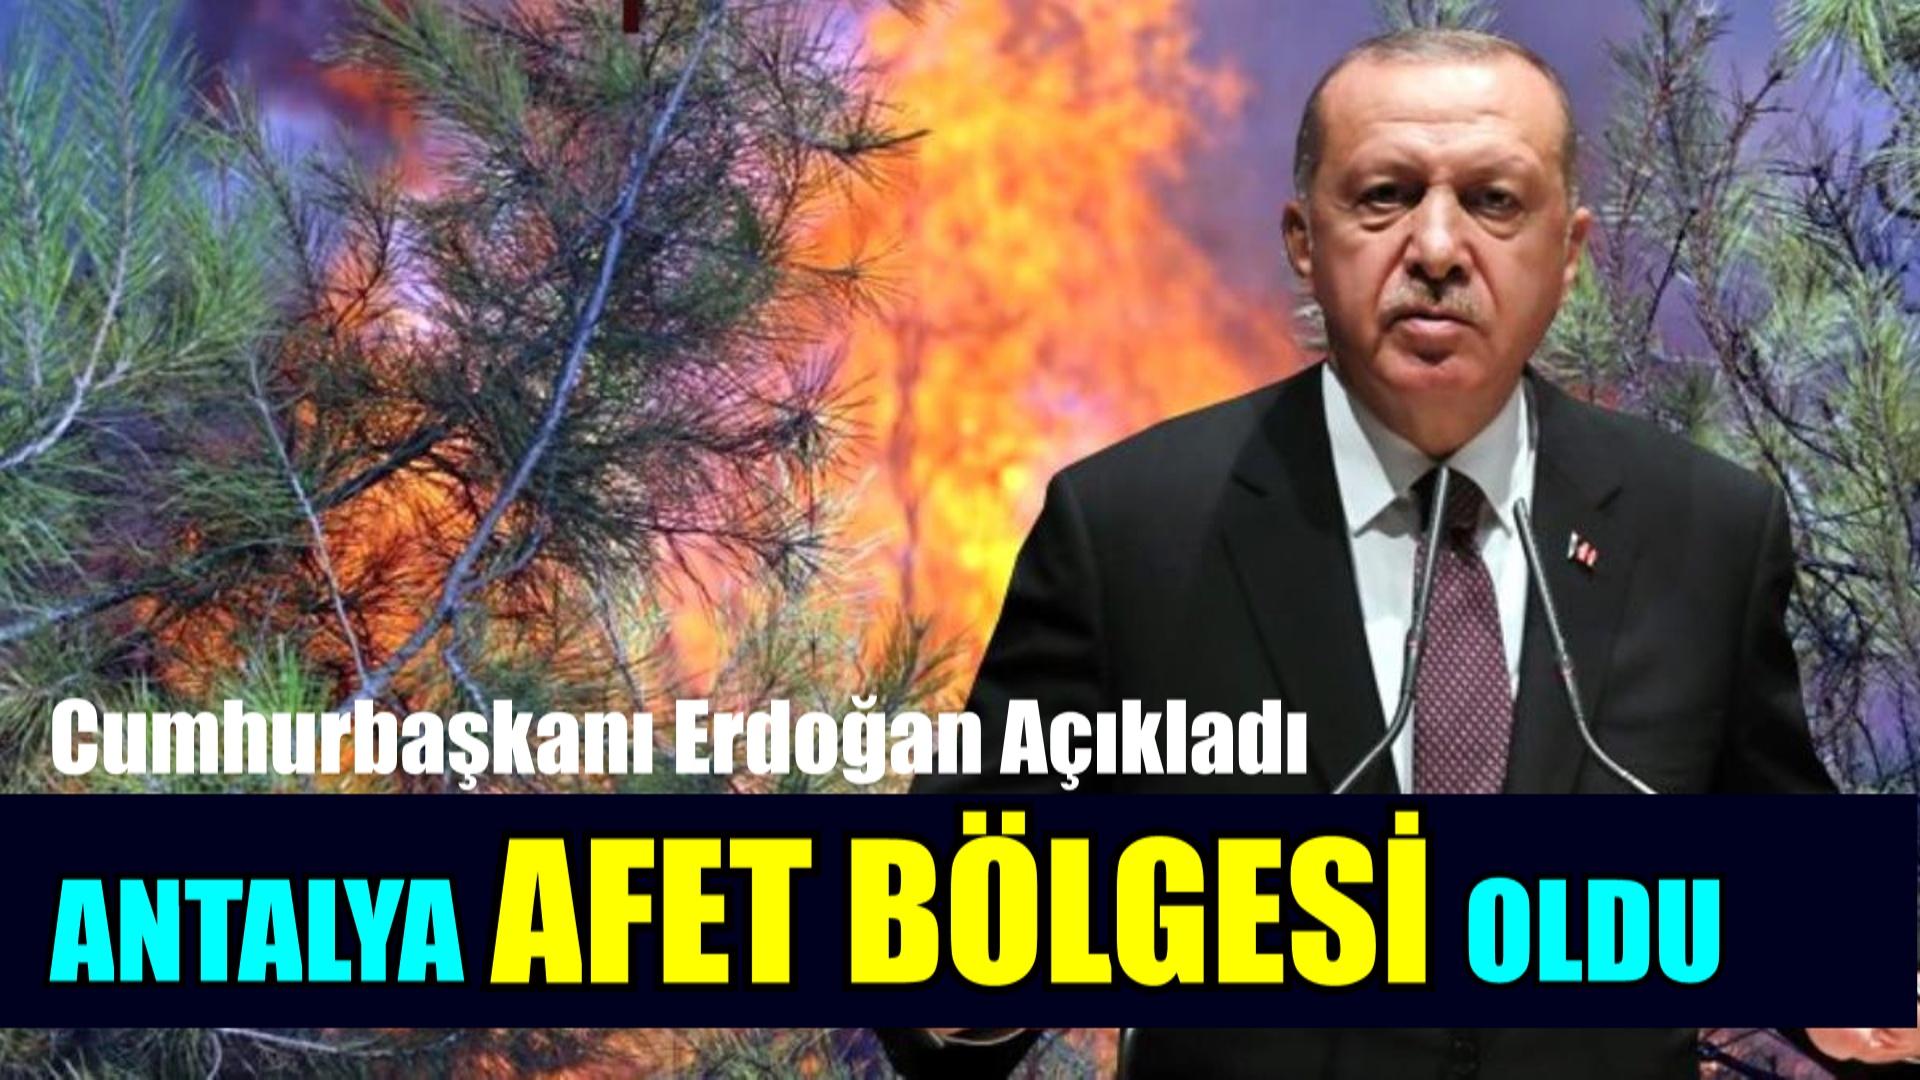 Antalya AFET BÖLGESİ oldu